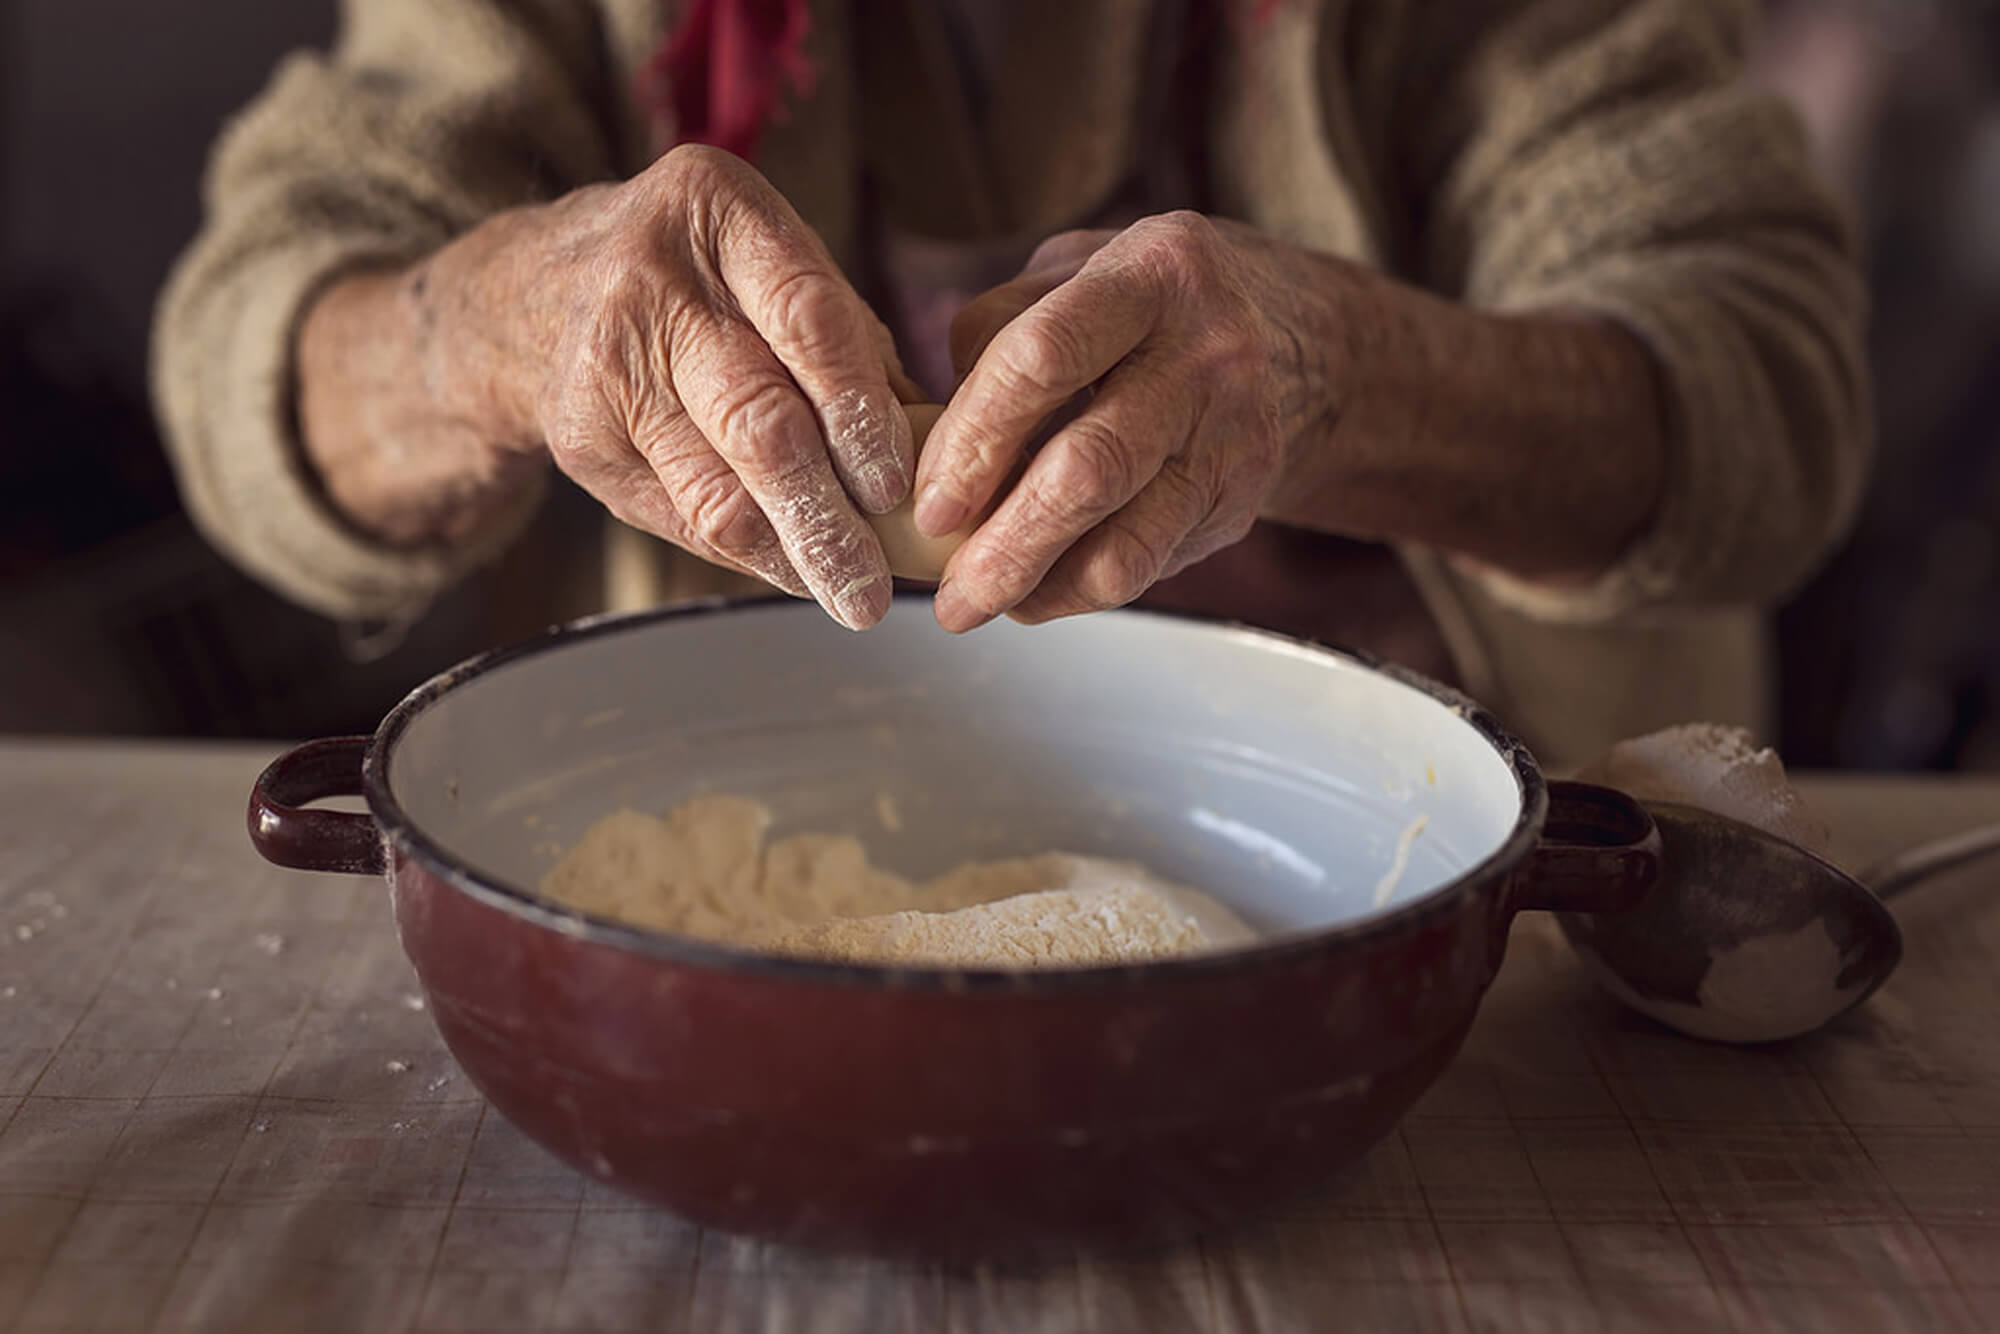 Los guisos de nuestras abuelas a fuego lento: una tradición reinterpretada